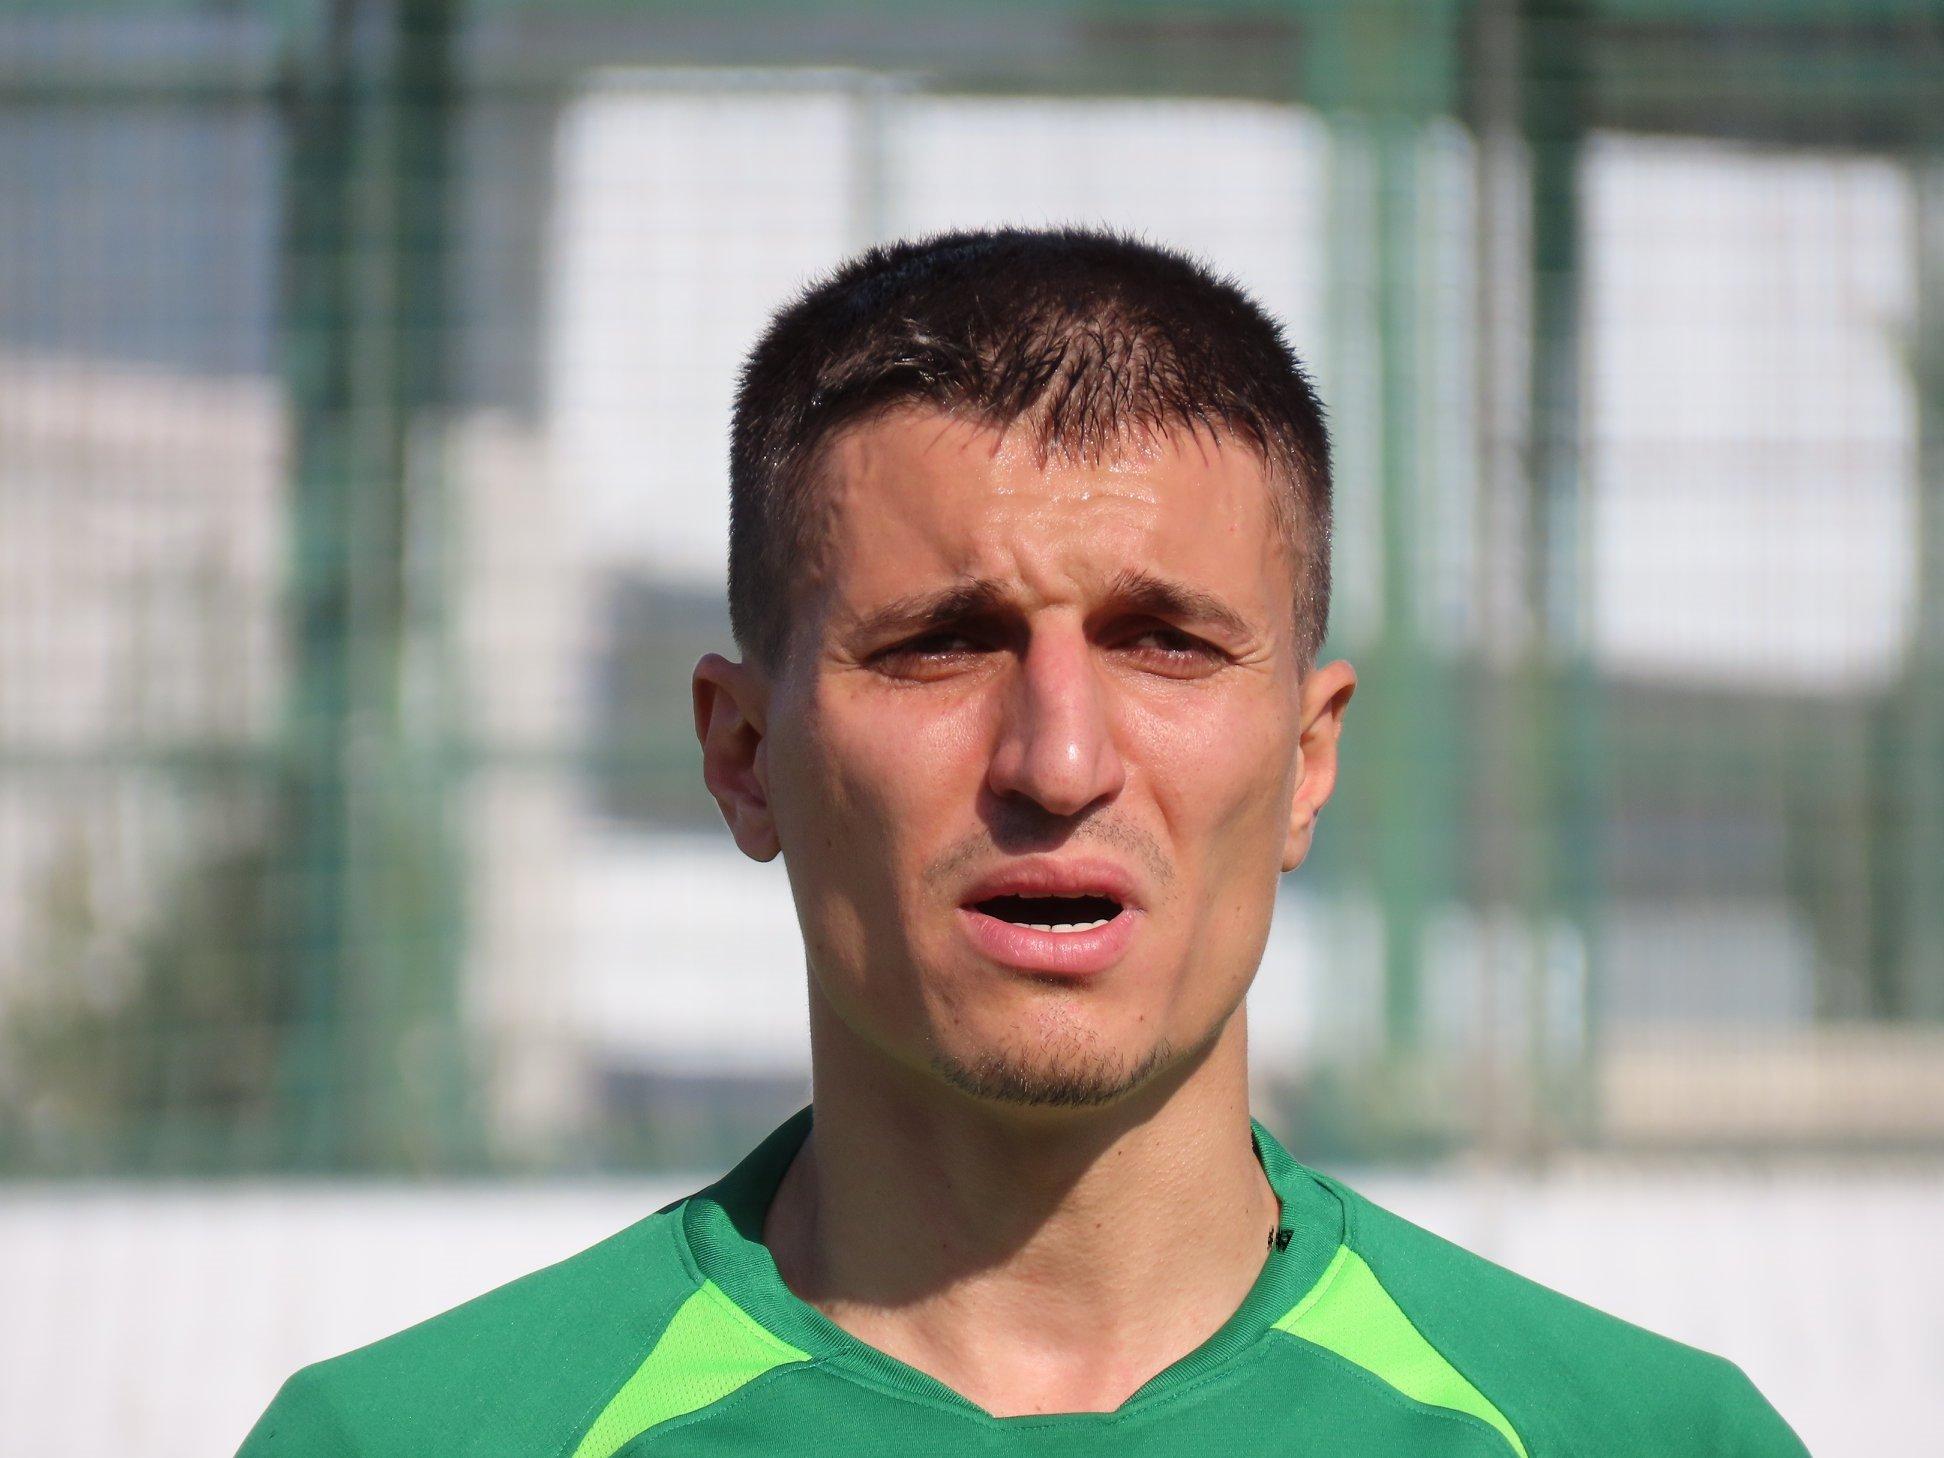 Turkish Footballer